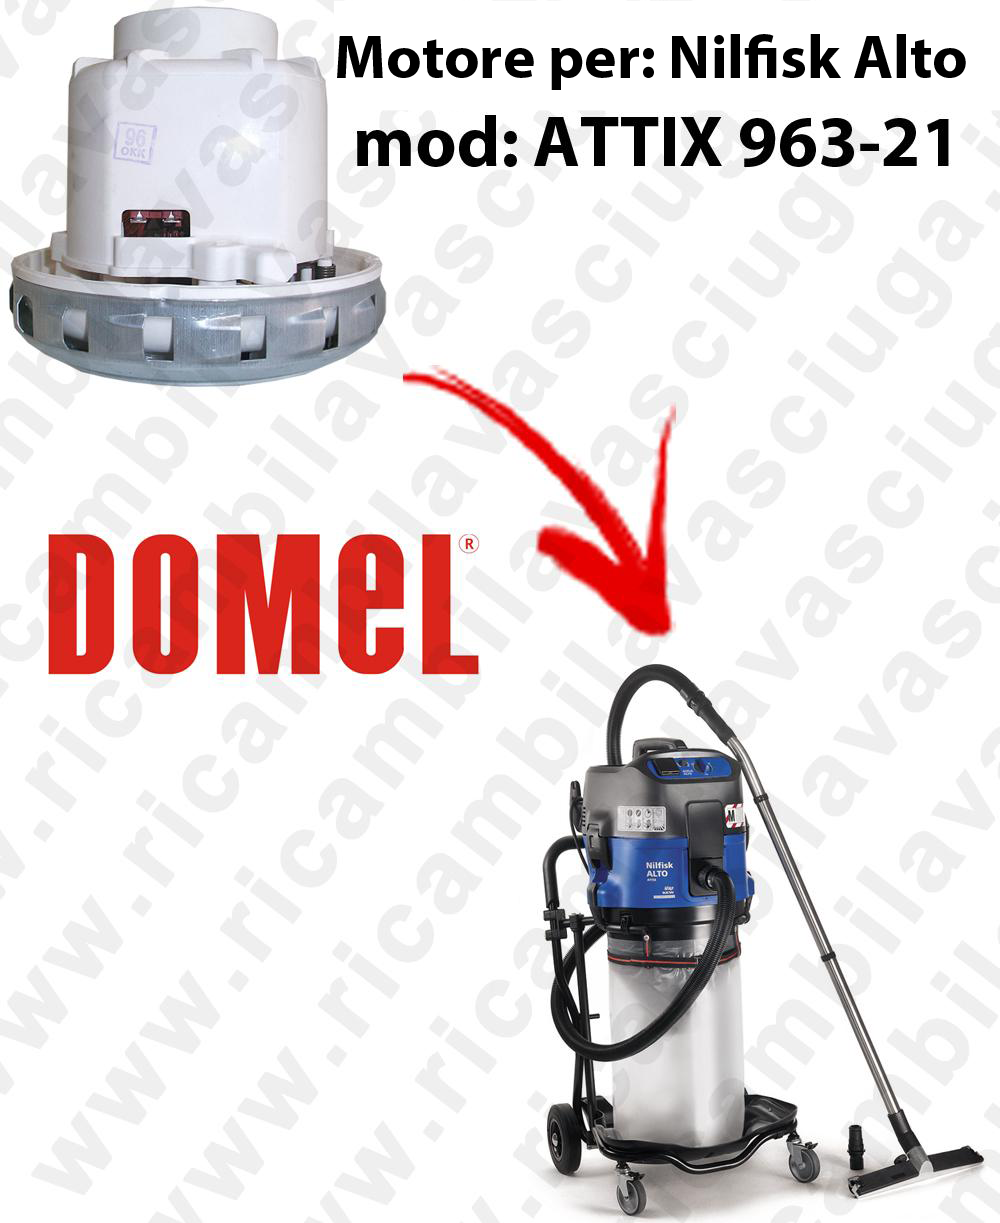 MOTORE DOMEL  per ATTIX 963-21 aspirapolvere NILFISK ALTO